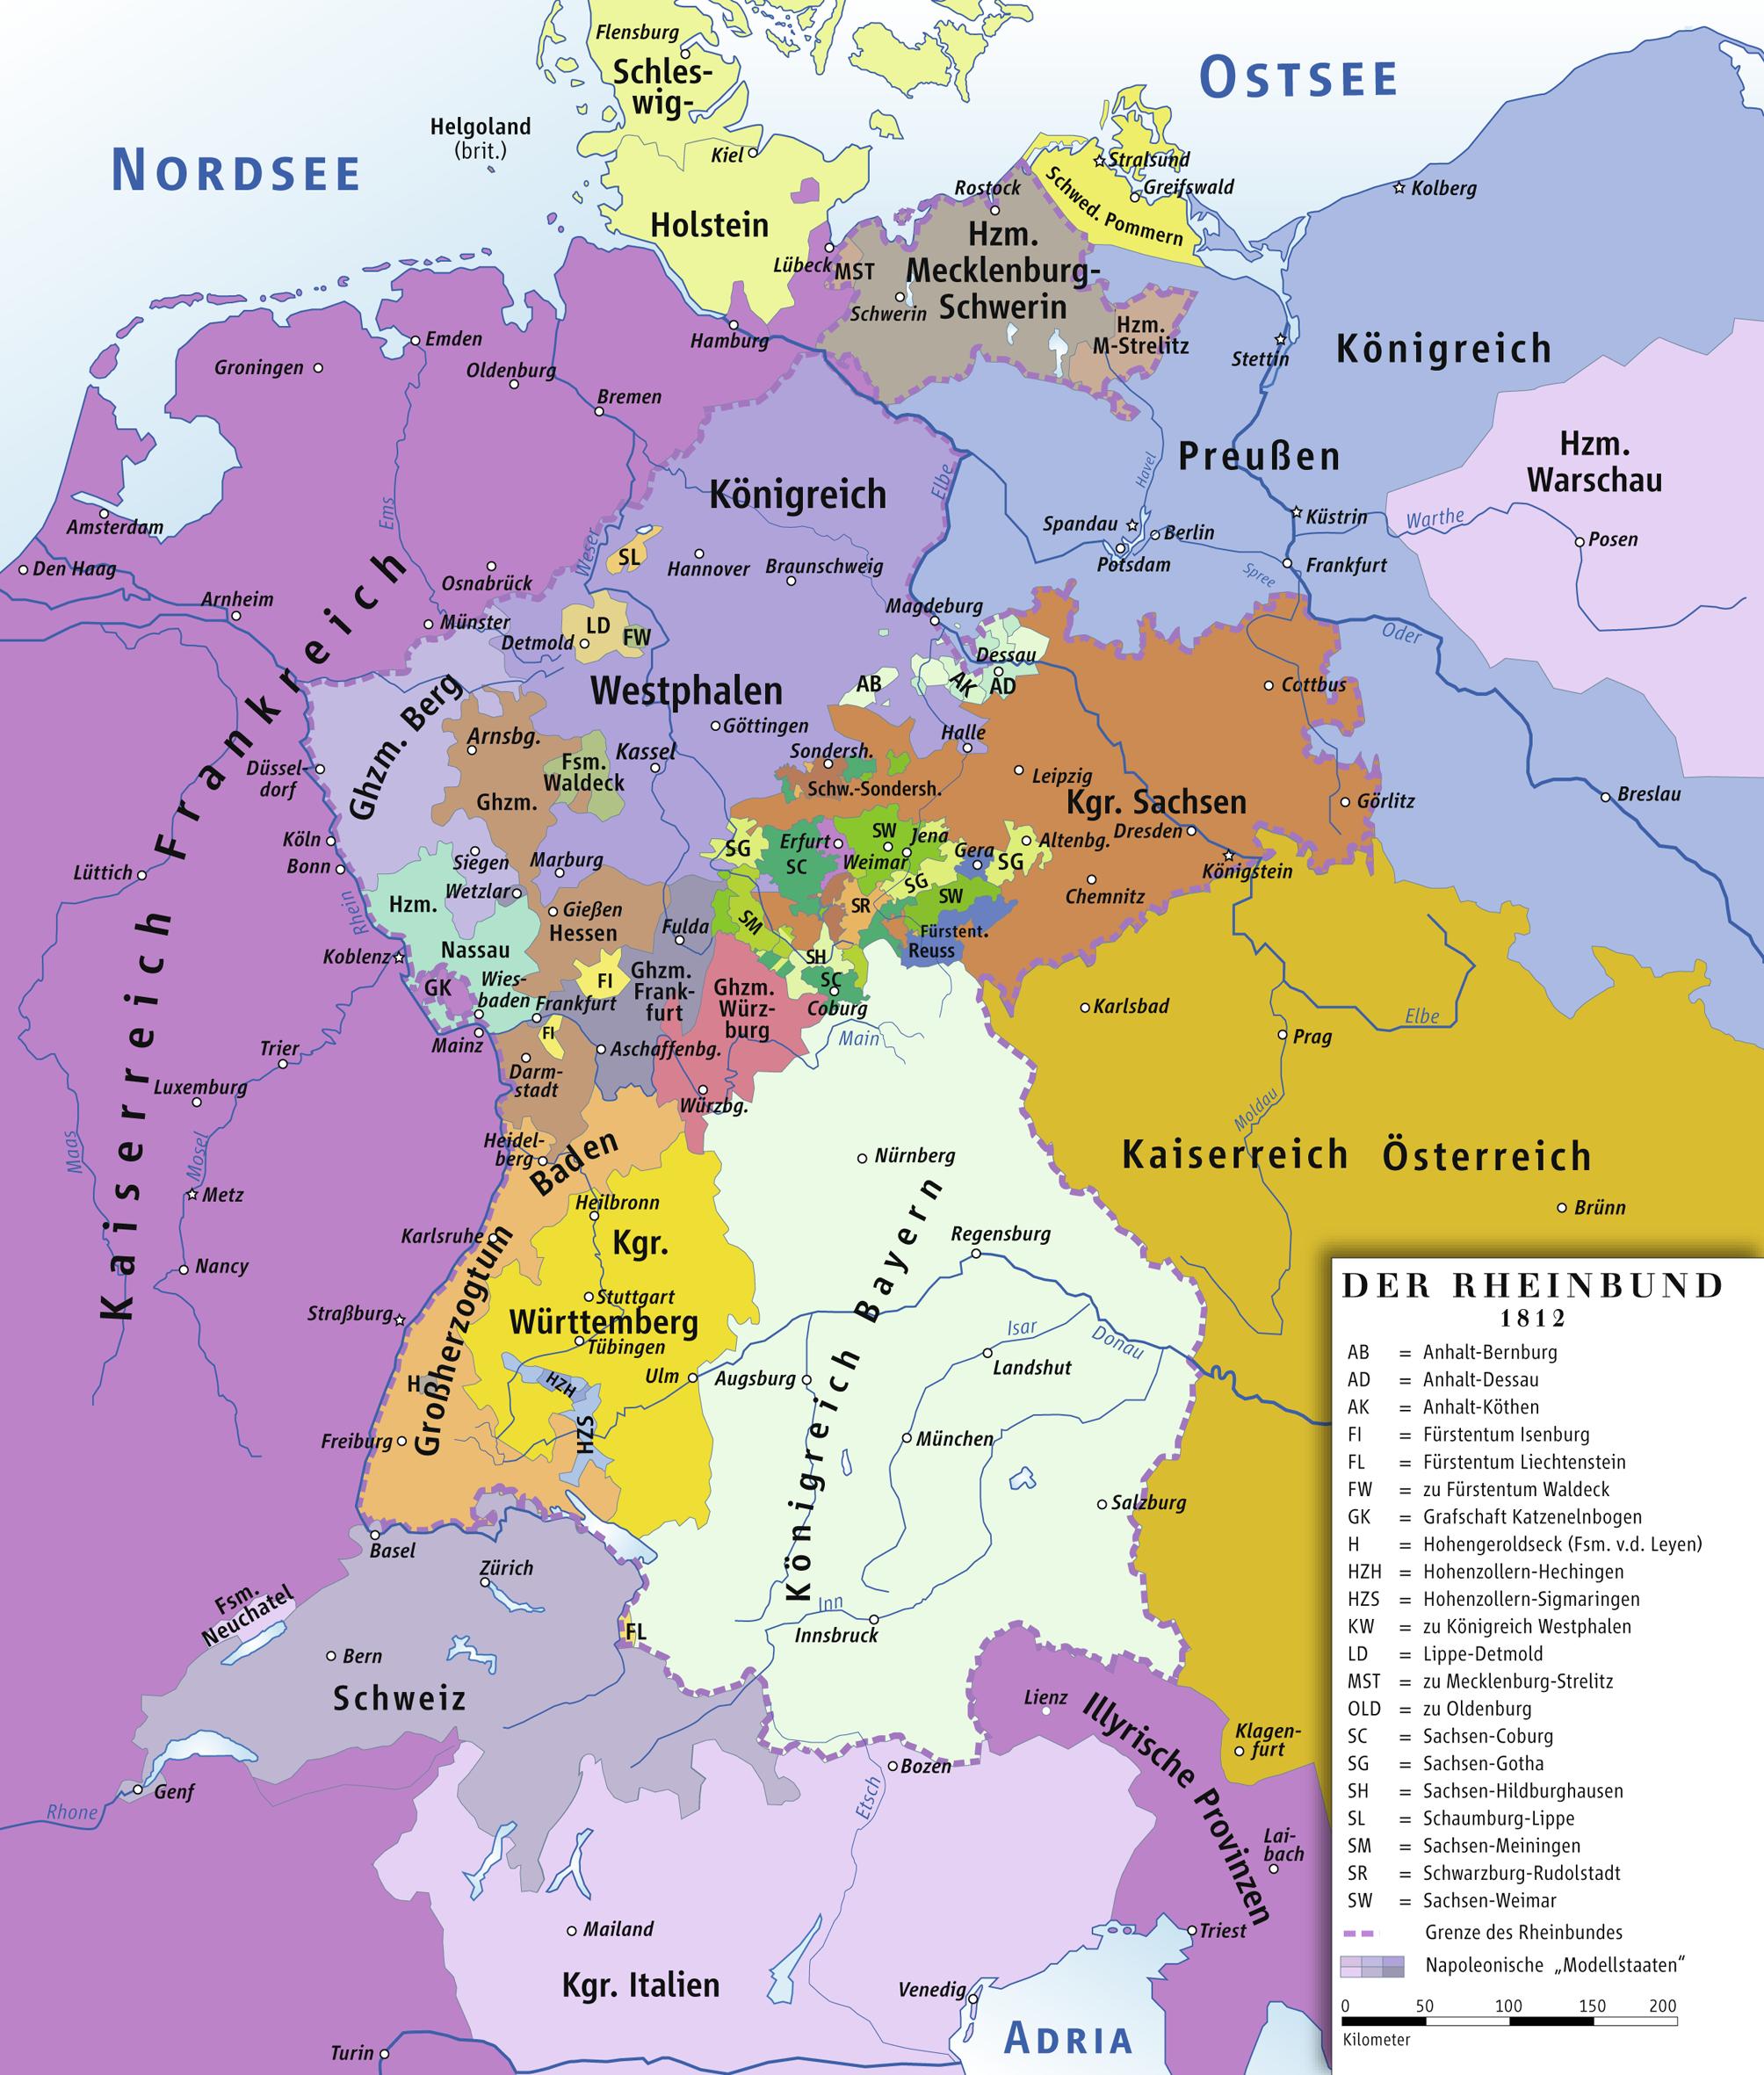 Confederación del Rin 1812